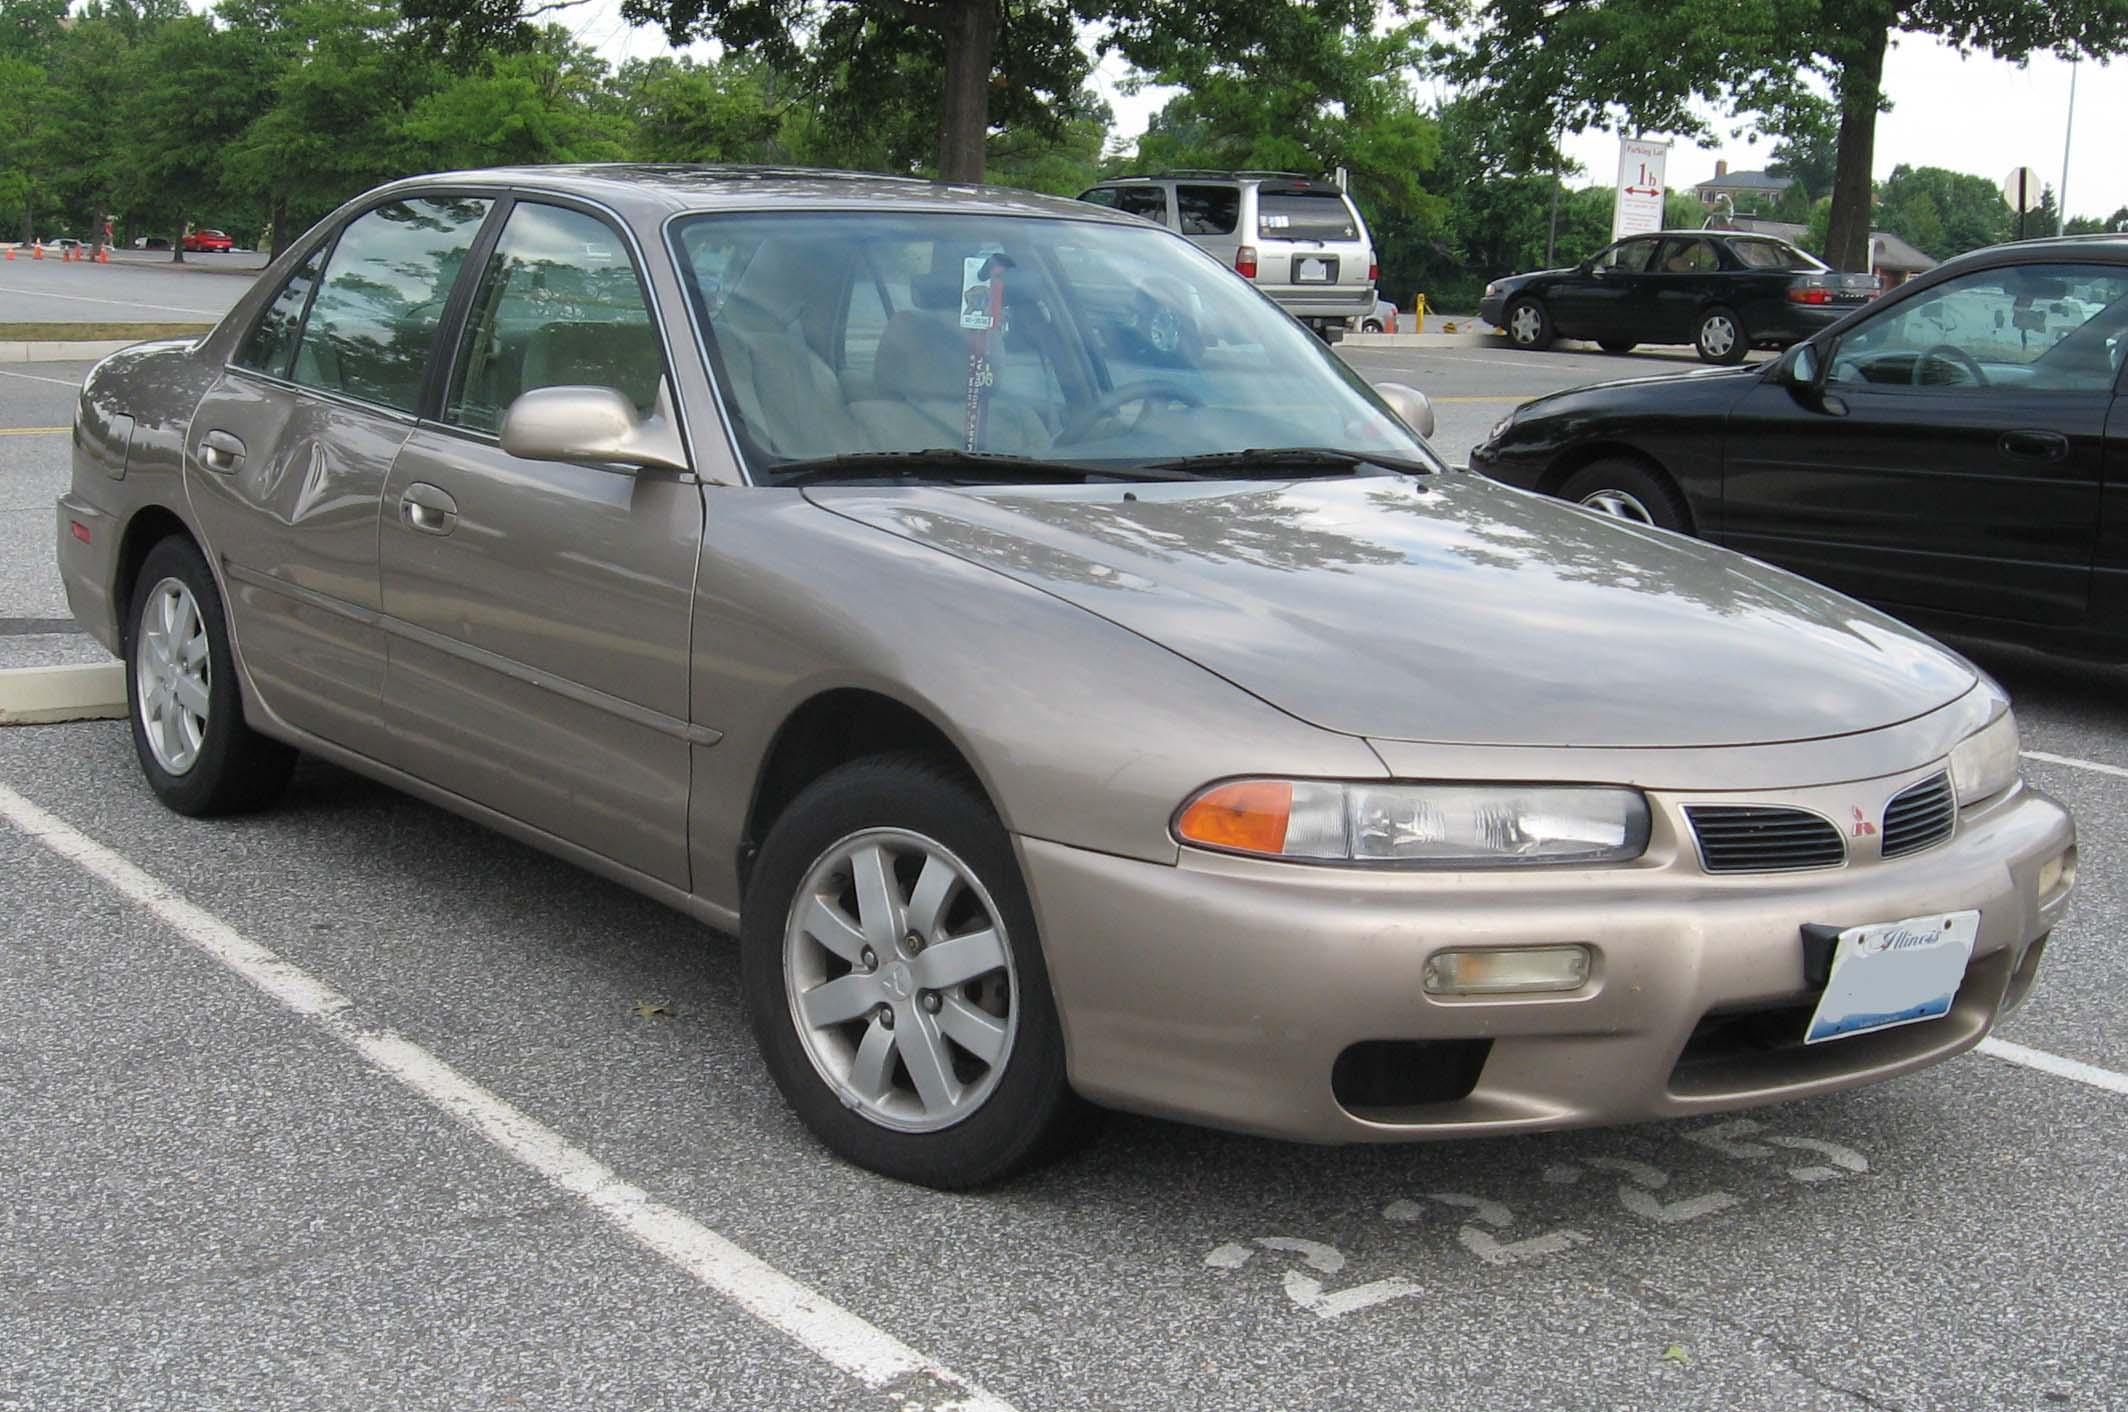 File:1997-98 Mitsubishi Galant.jpg - Wikimedia Commons